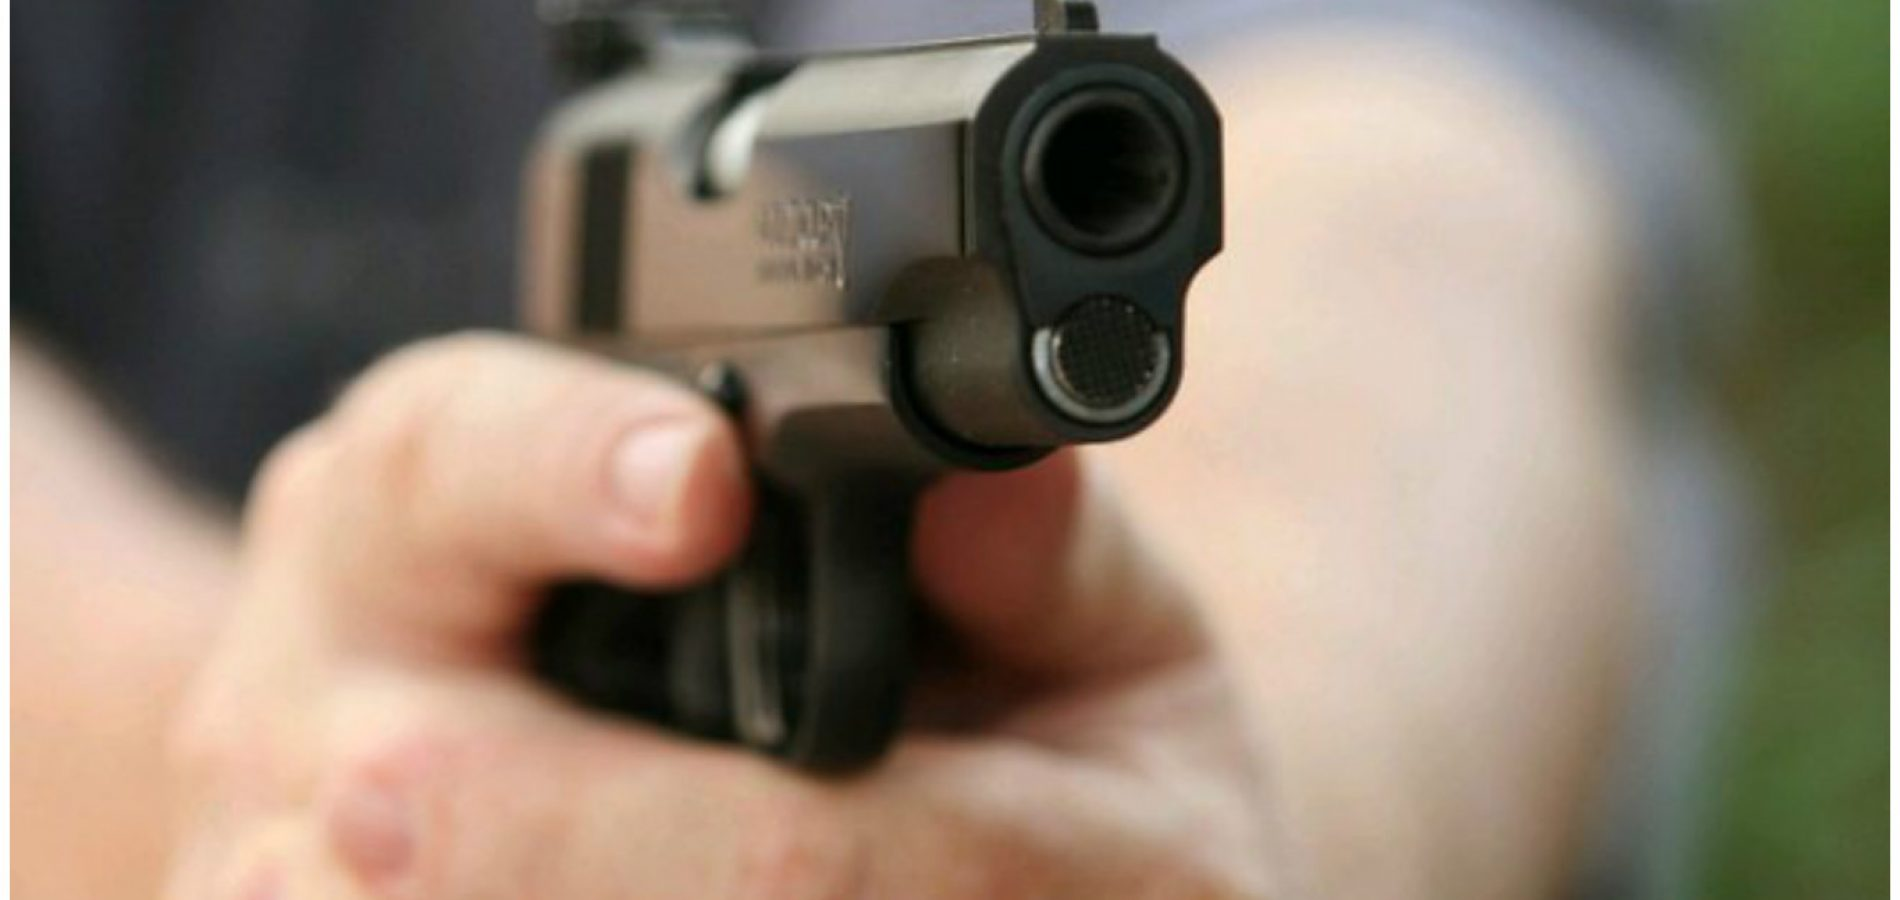 Homem efetua disparos contra vizinho no bairro Pedrinhas em Picos